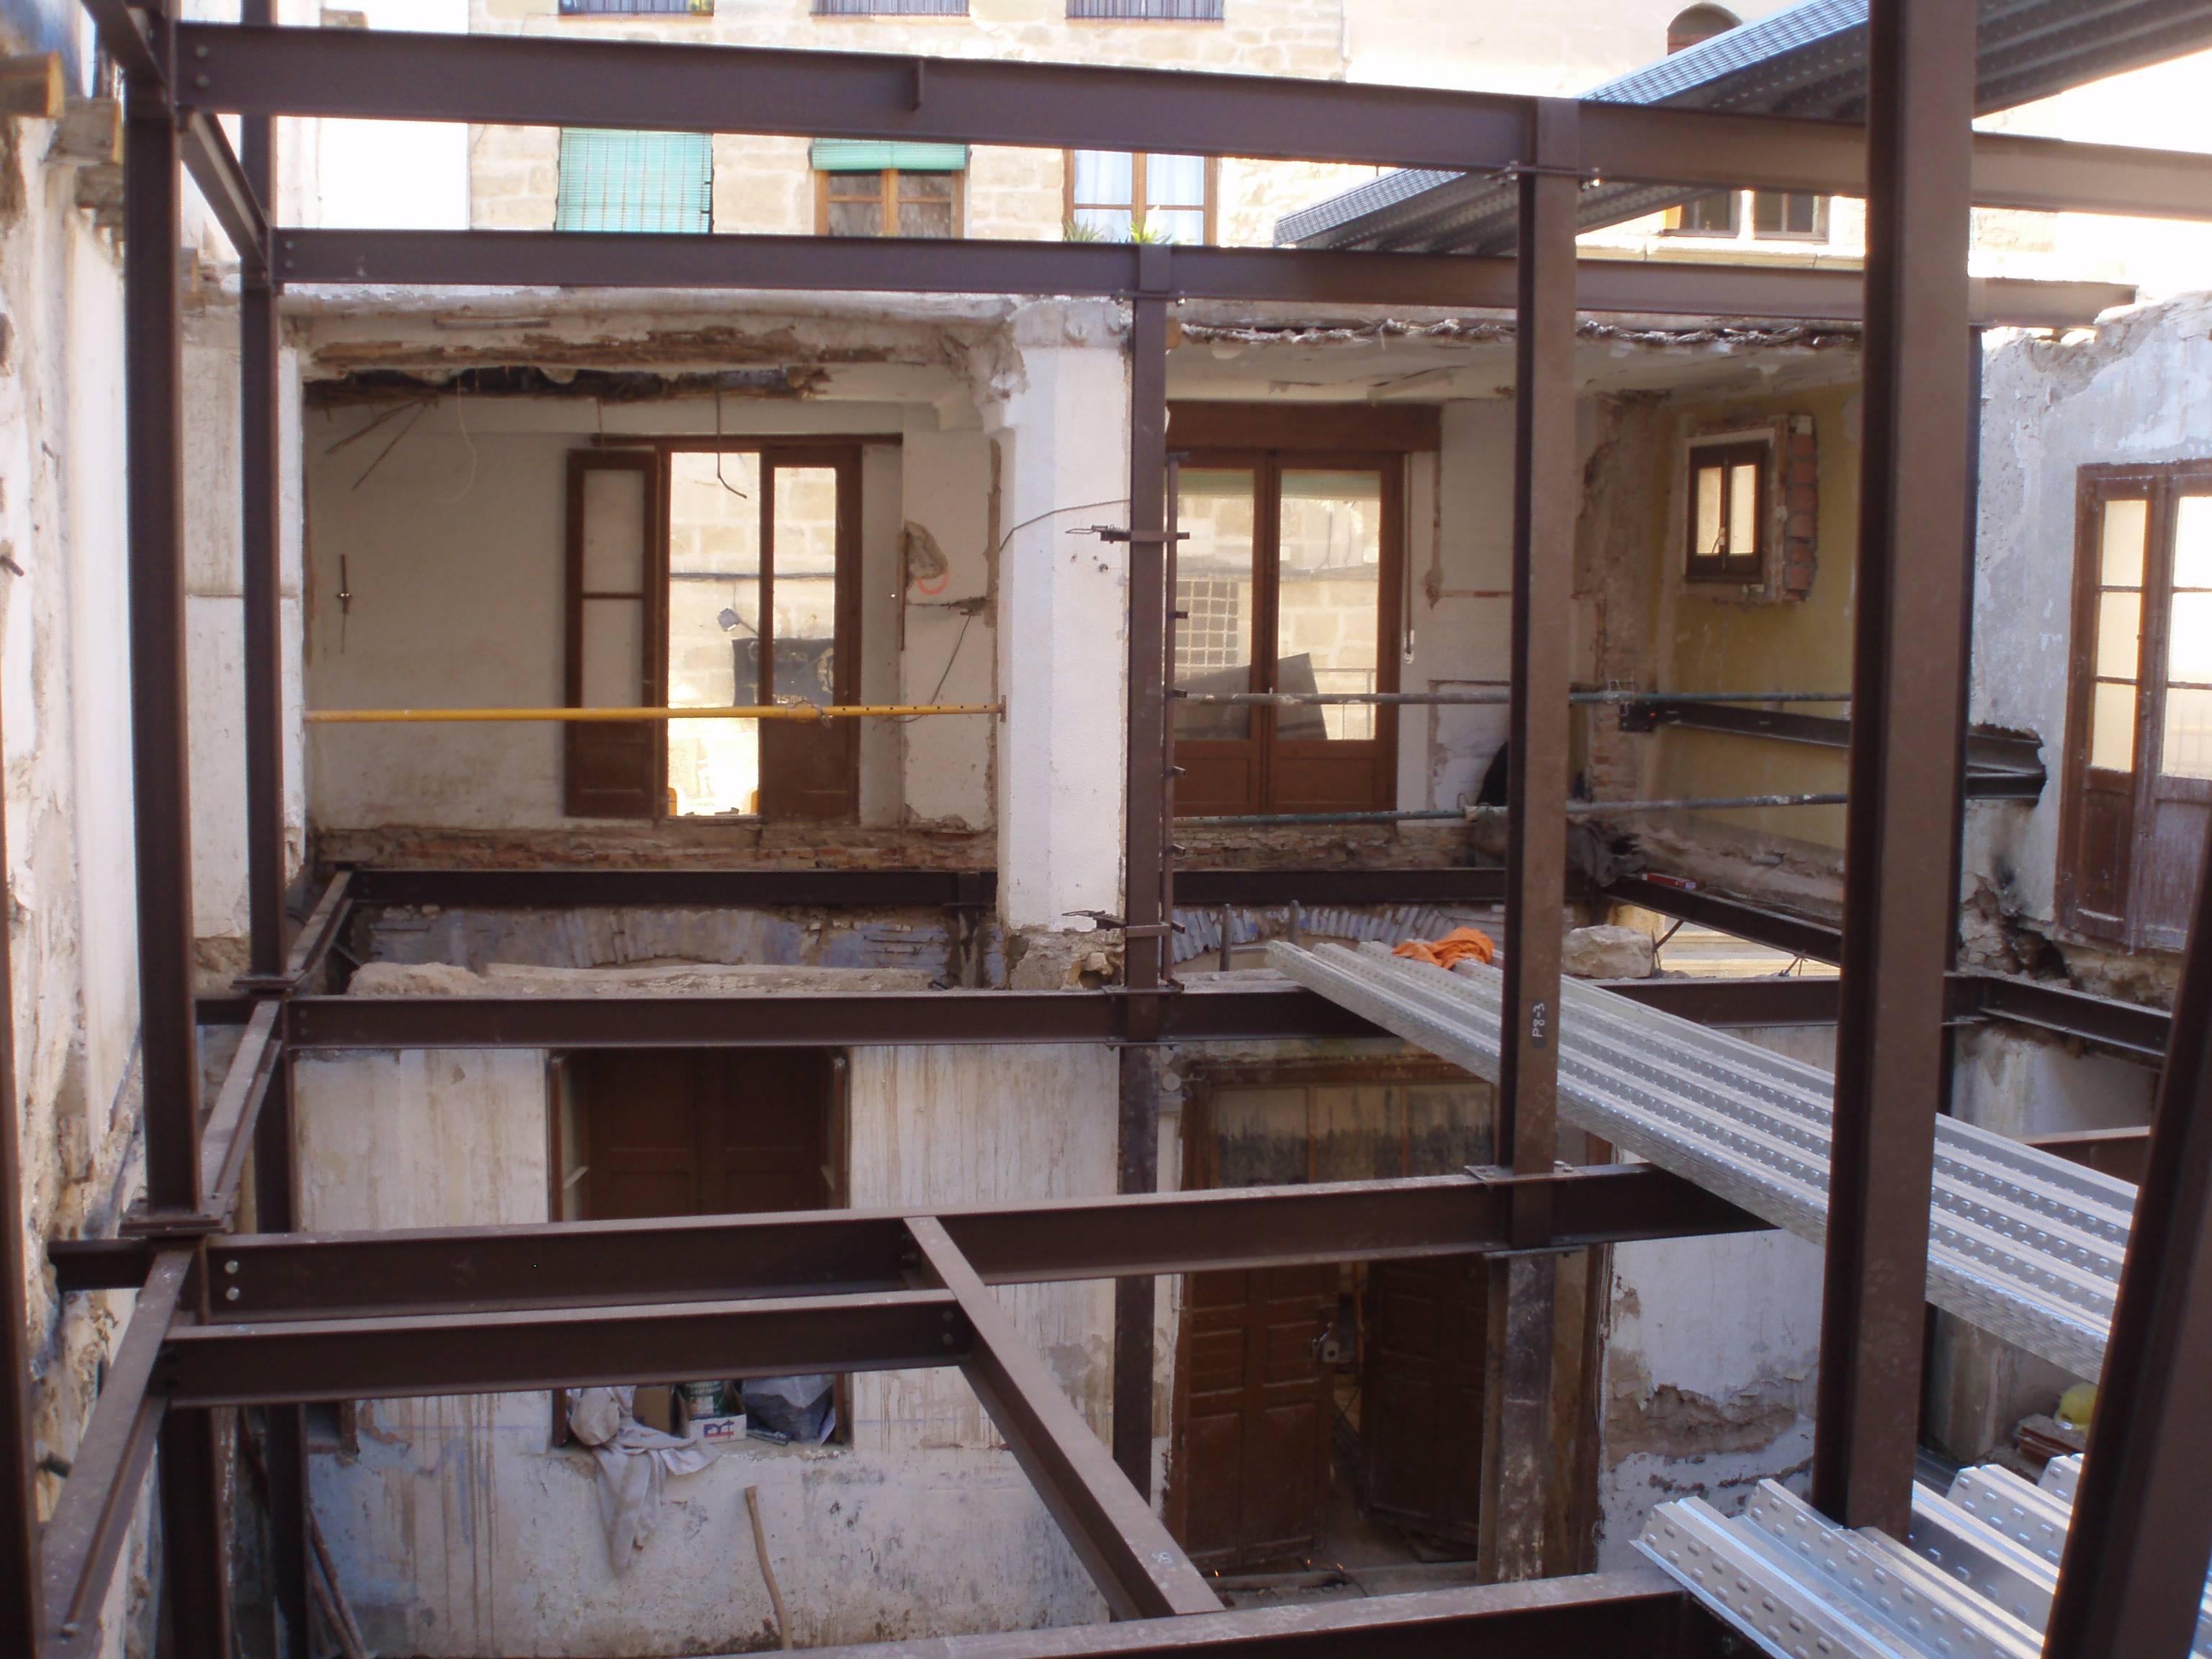 Rehabilitacion integral de edificio en conjunto historico - Rehabilitar casa antigua ...